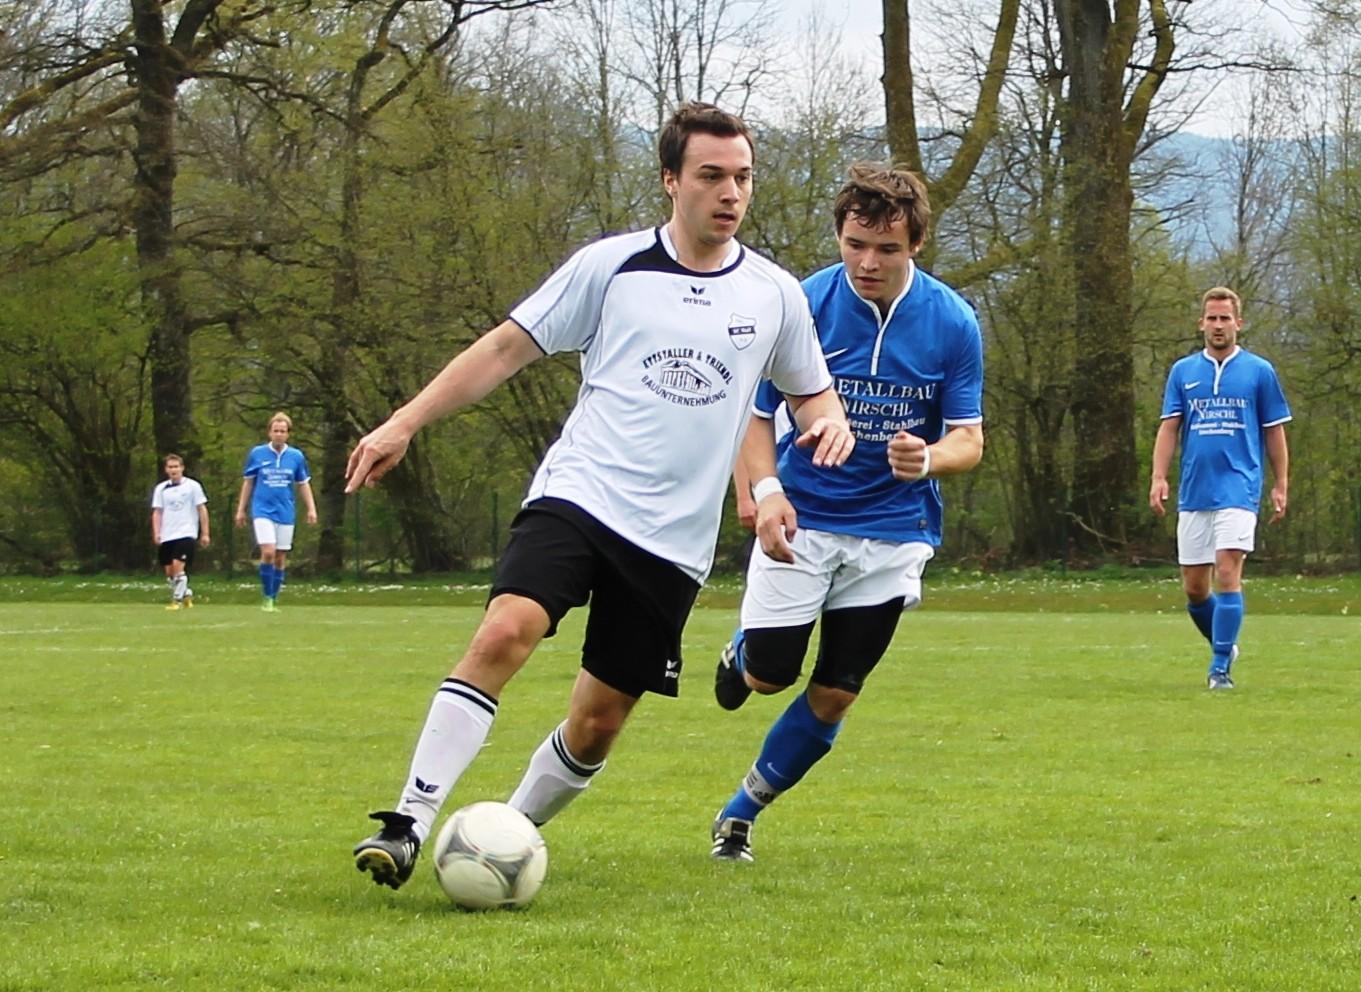 Gegen den TSV Irschenberg (1:4) am 21.4.2014